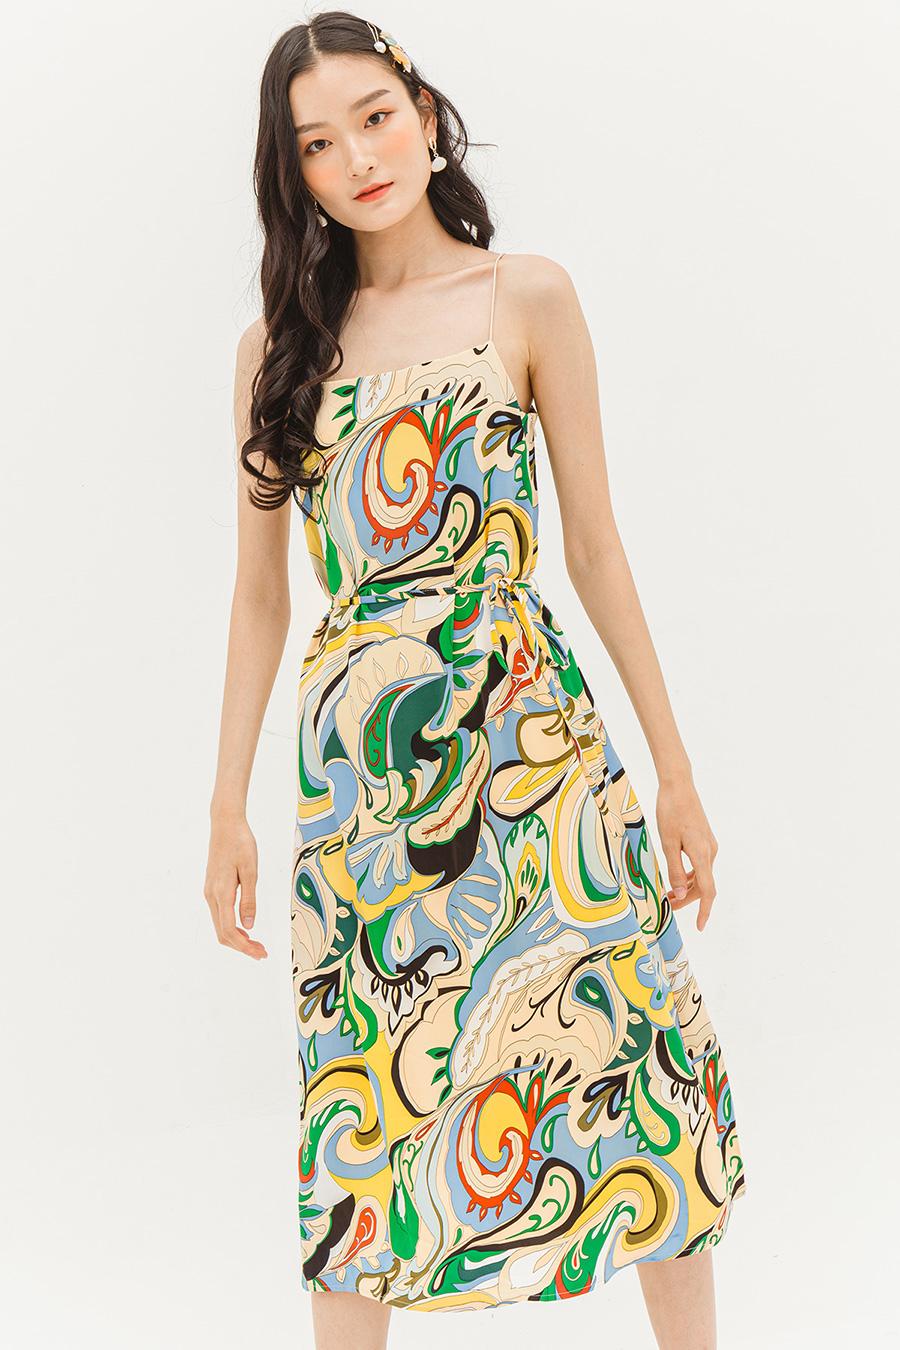 LYNETTE DRESS - SWIRLY